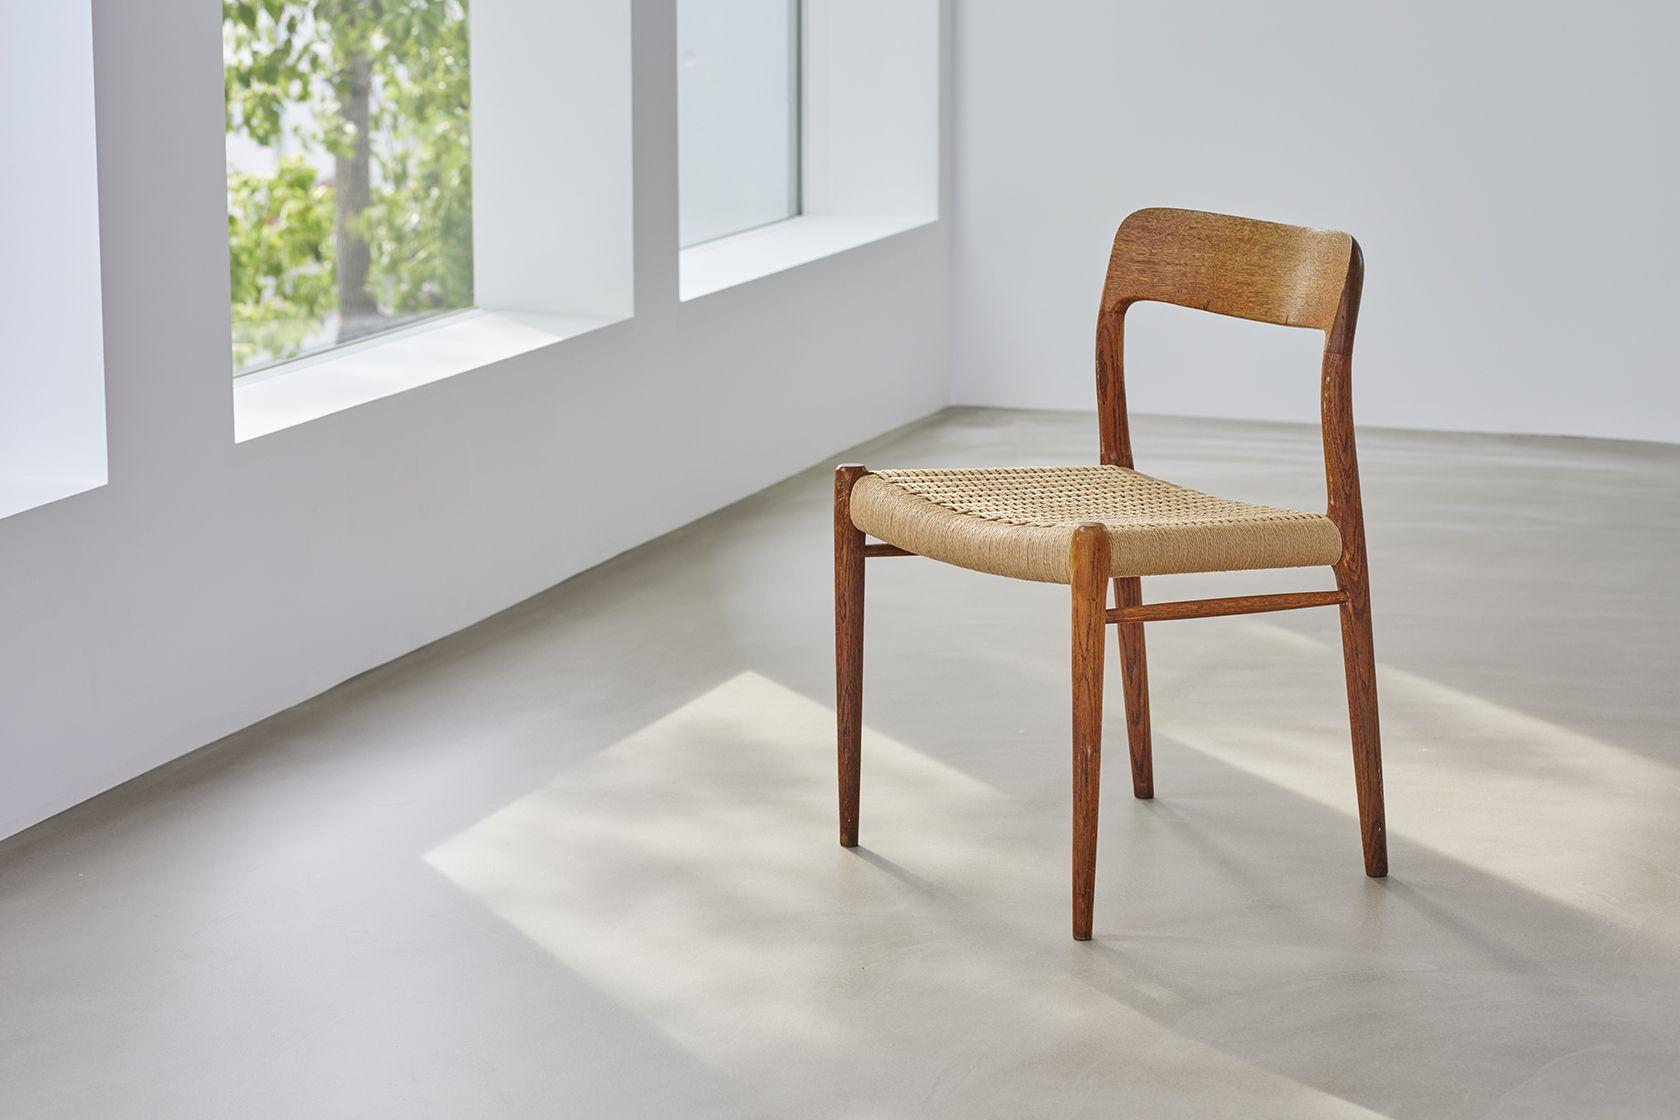 Haku Studio / SUNS日差しと椅子